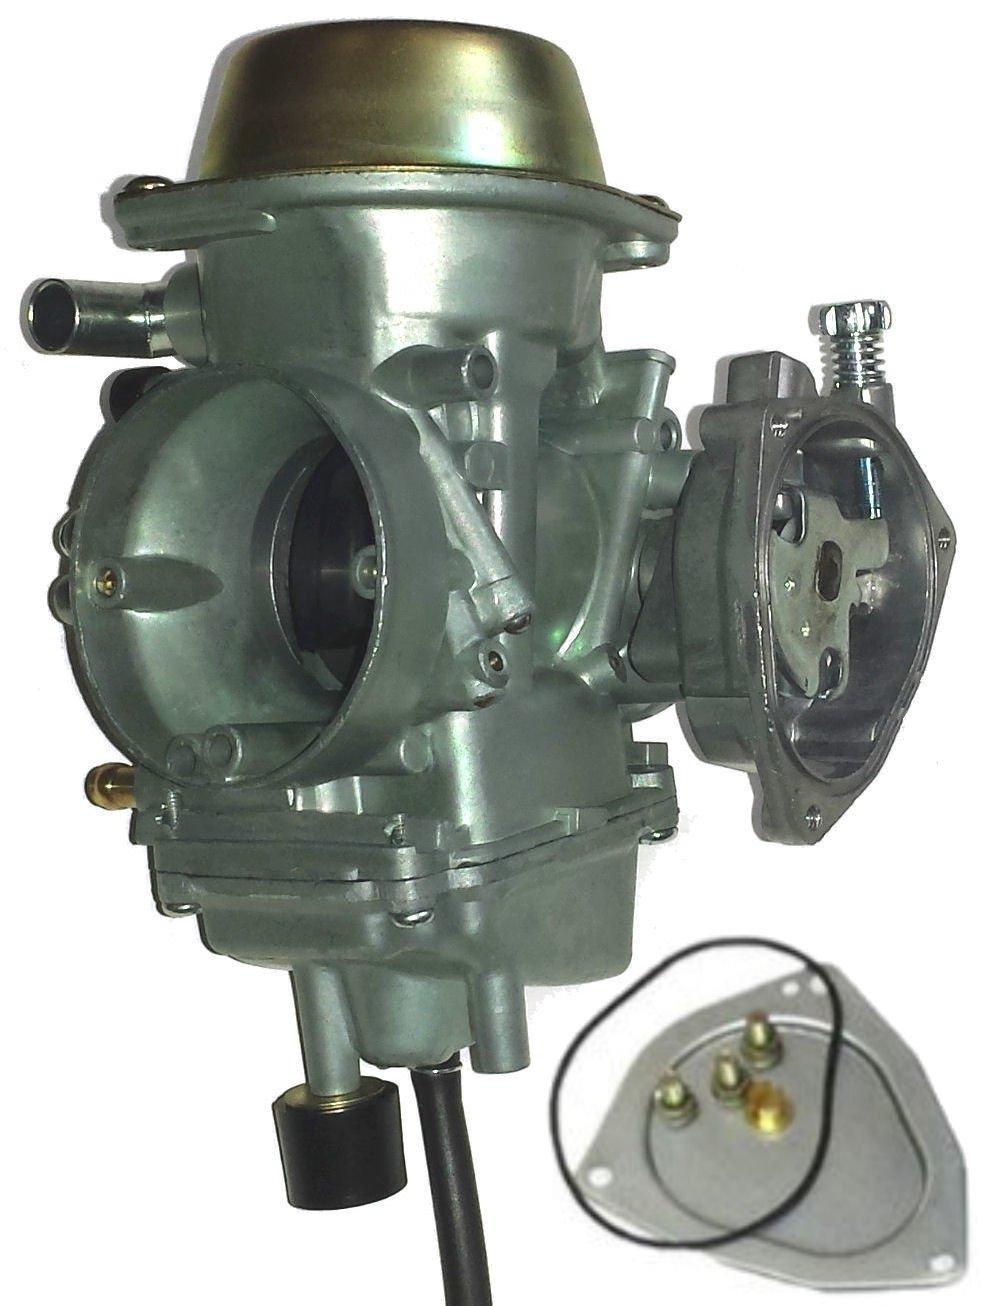 Amazon.com: ZOOM ZOOM PARTS Carburetor FOR Bombardier Quest XT 650 XT650  2002 2003 2004 02 03 04 Carb ATV Quad: Automotive